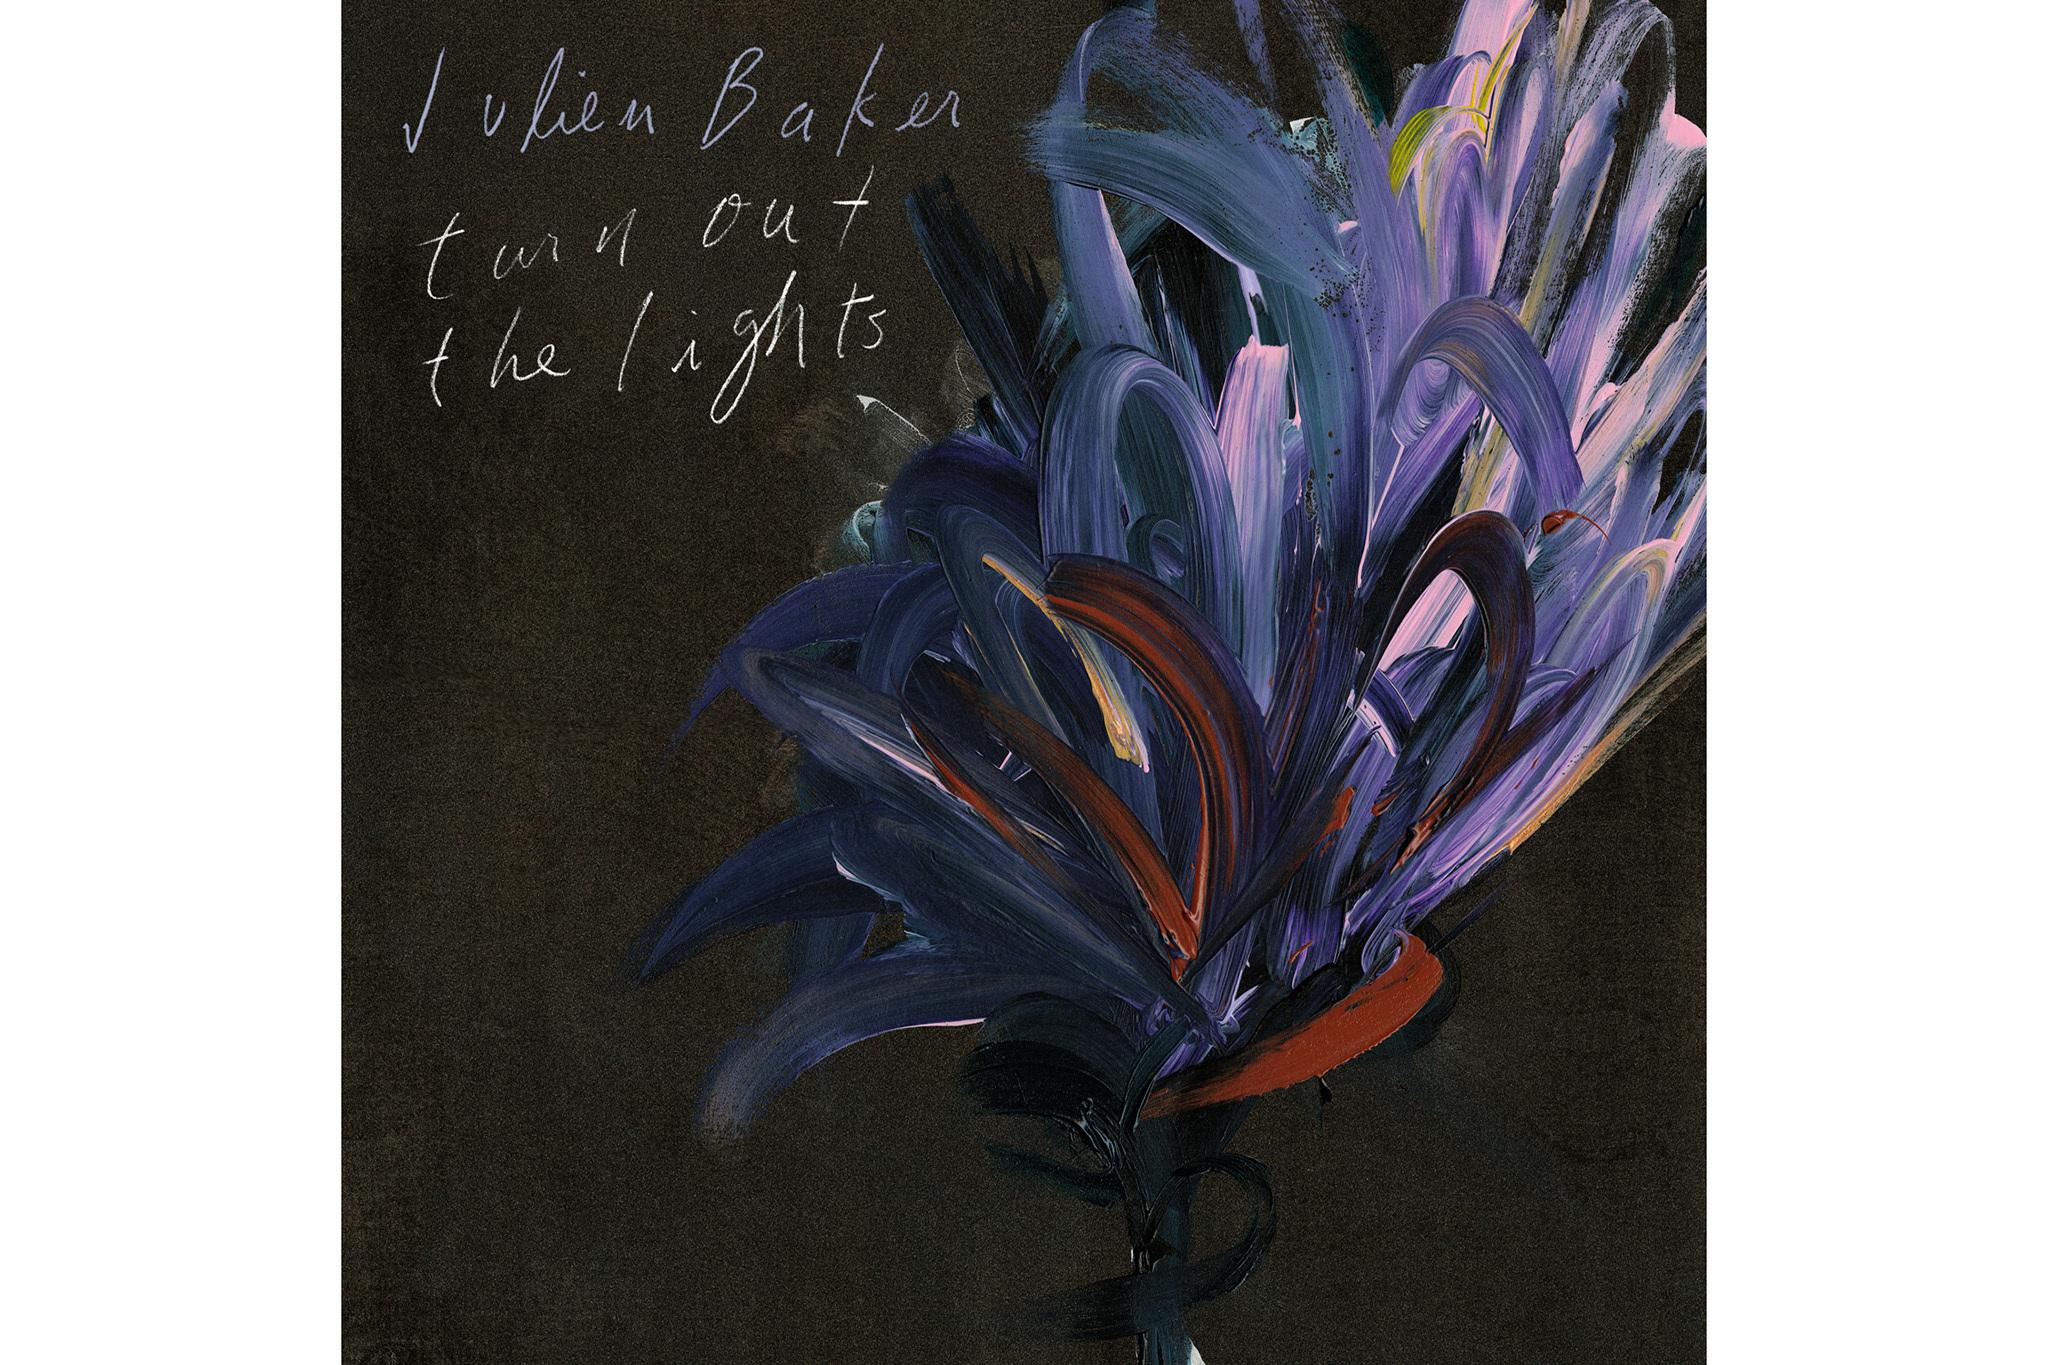 Julien Baker, Turn Out the Lights